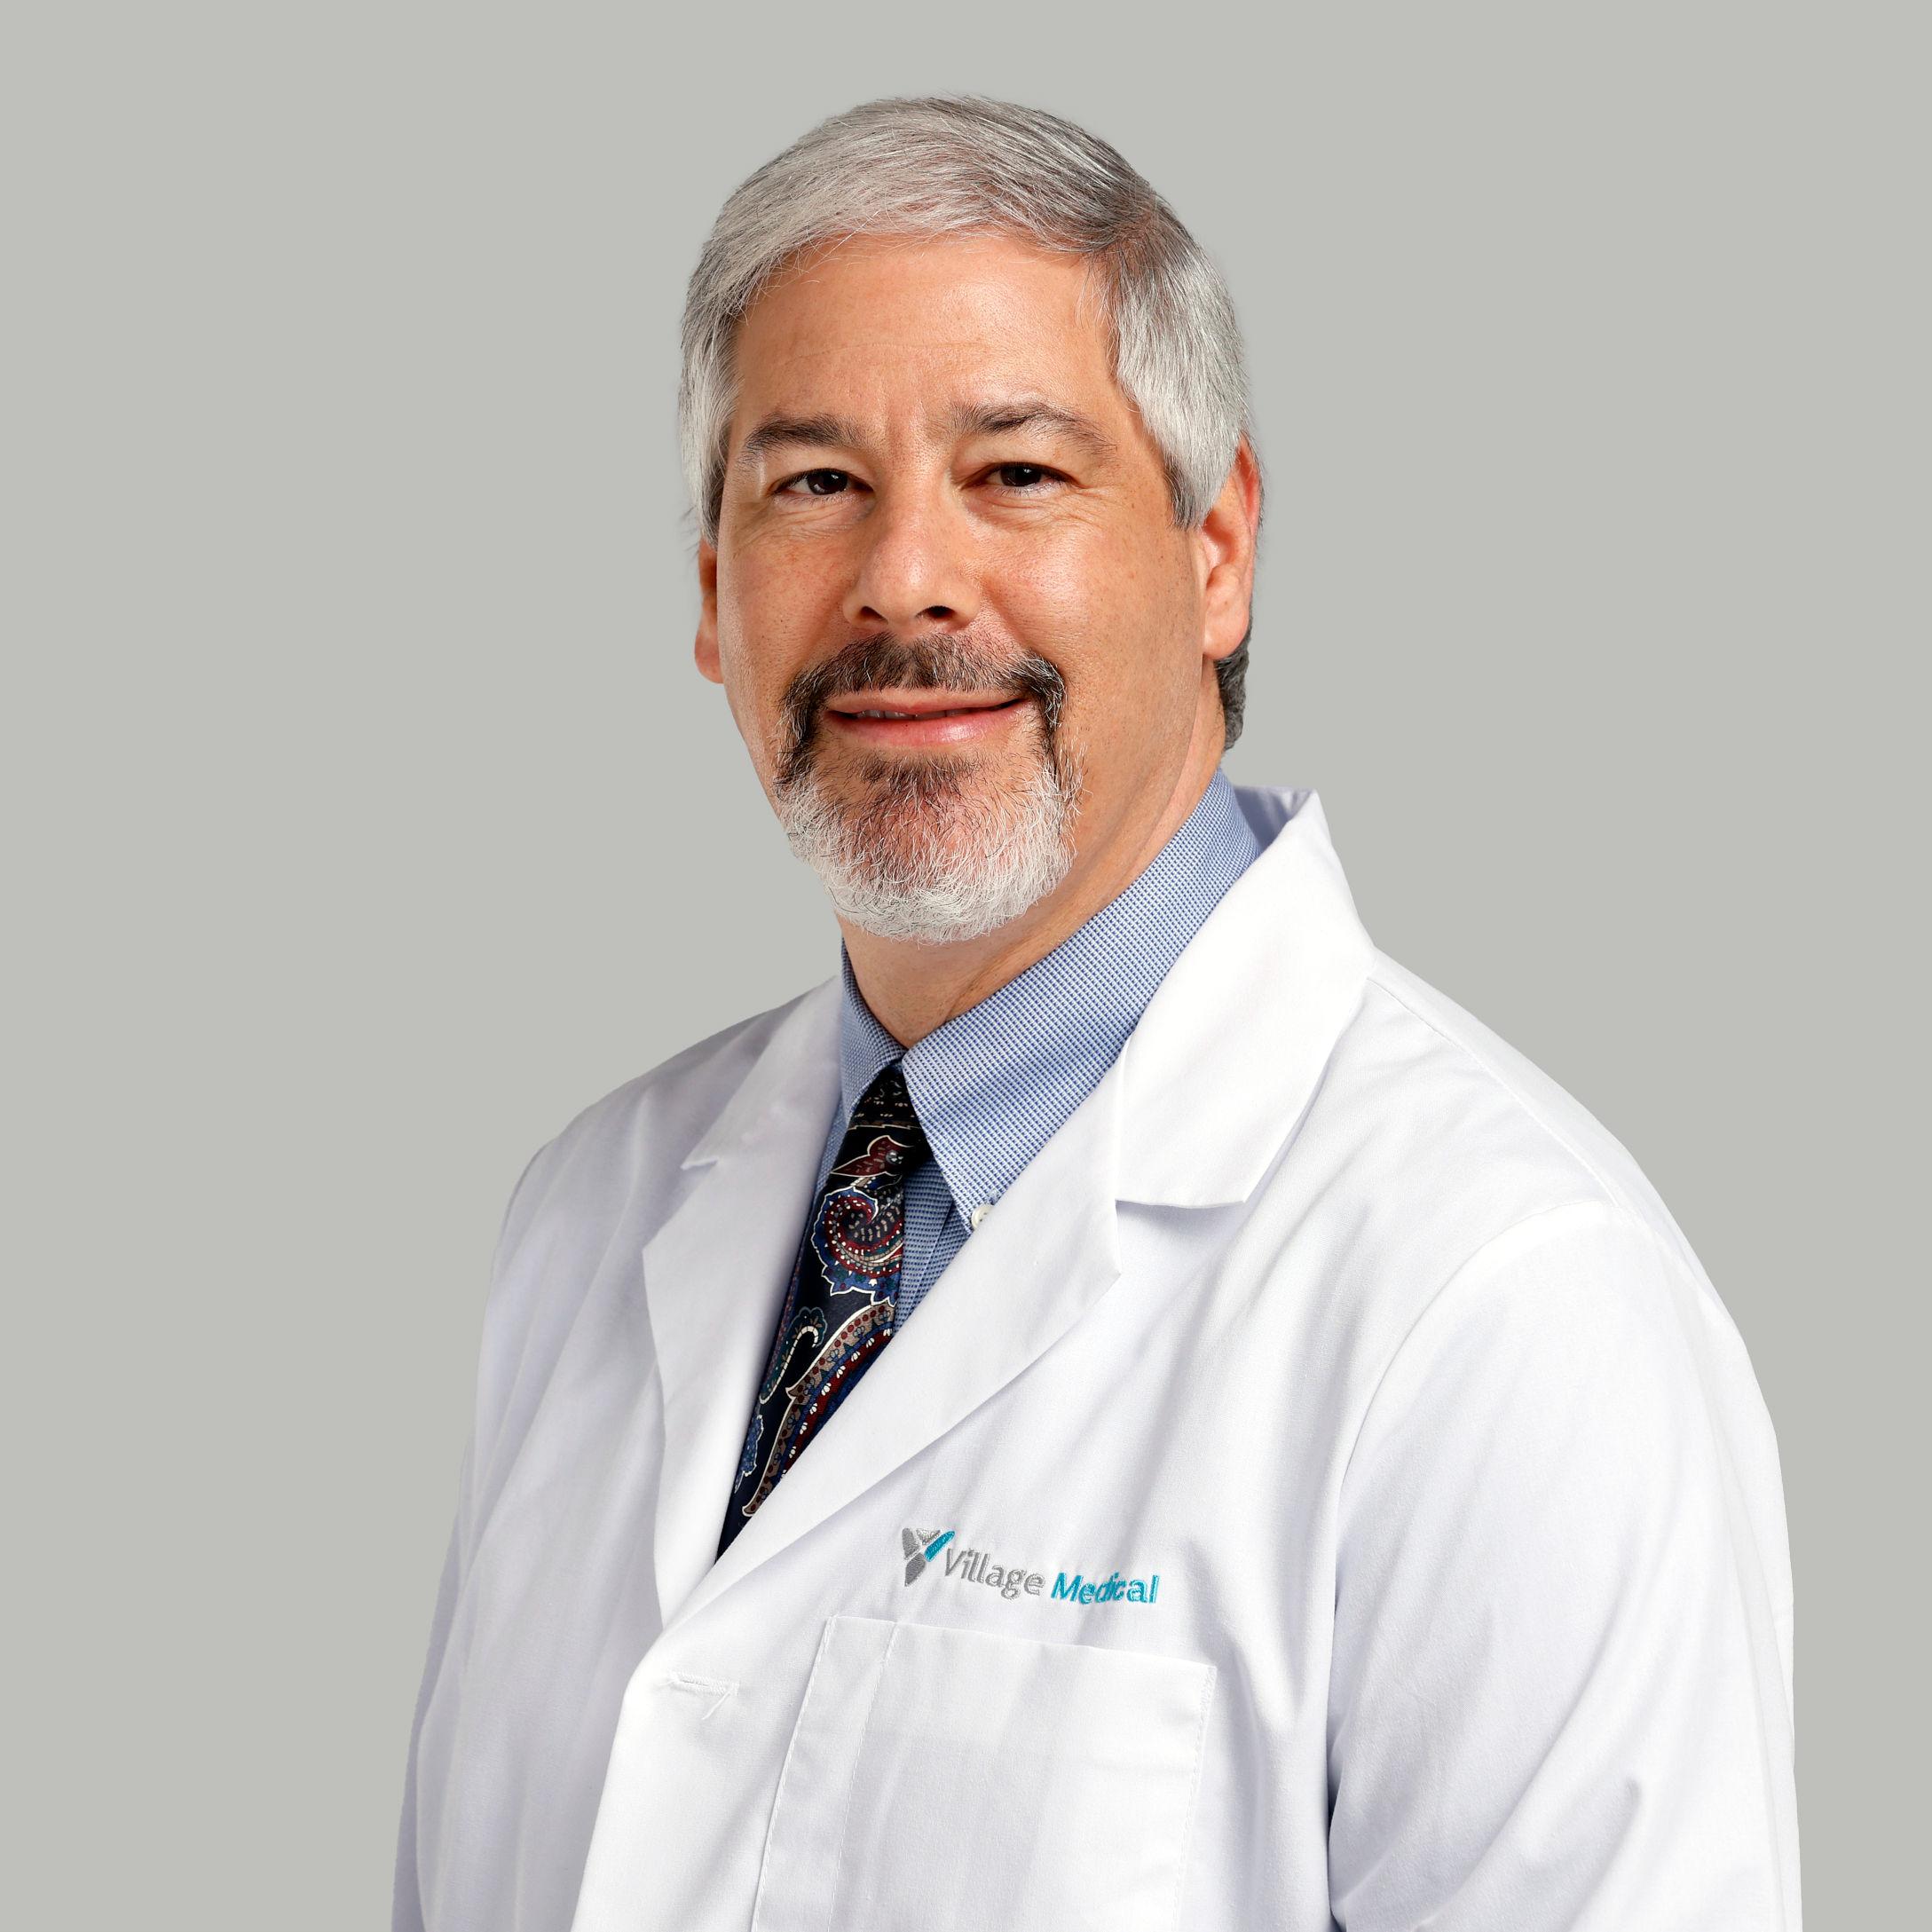 Professional headshot of Scott A. Lisse, MD